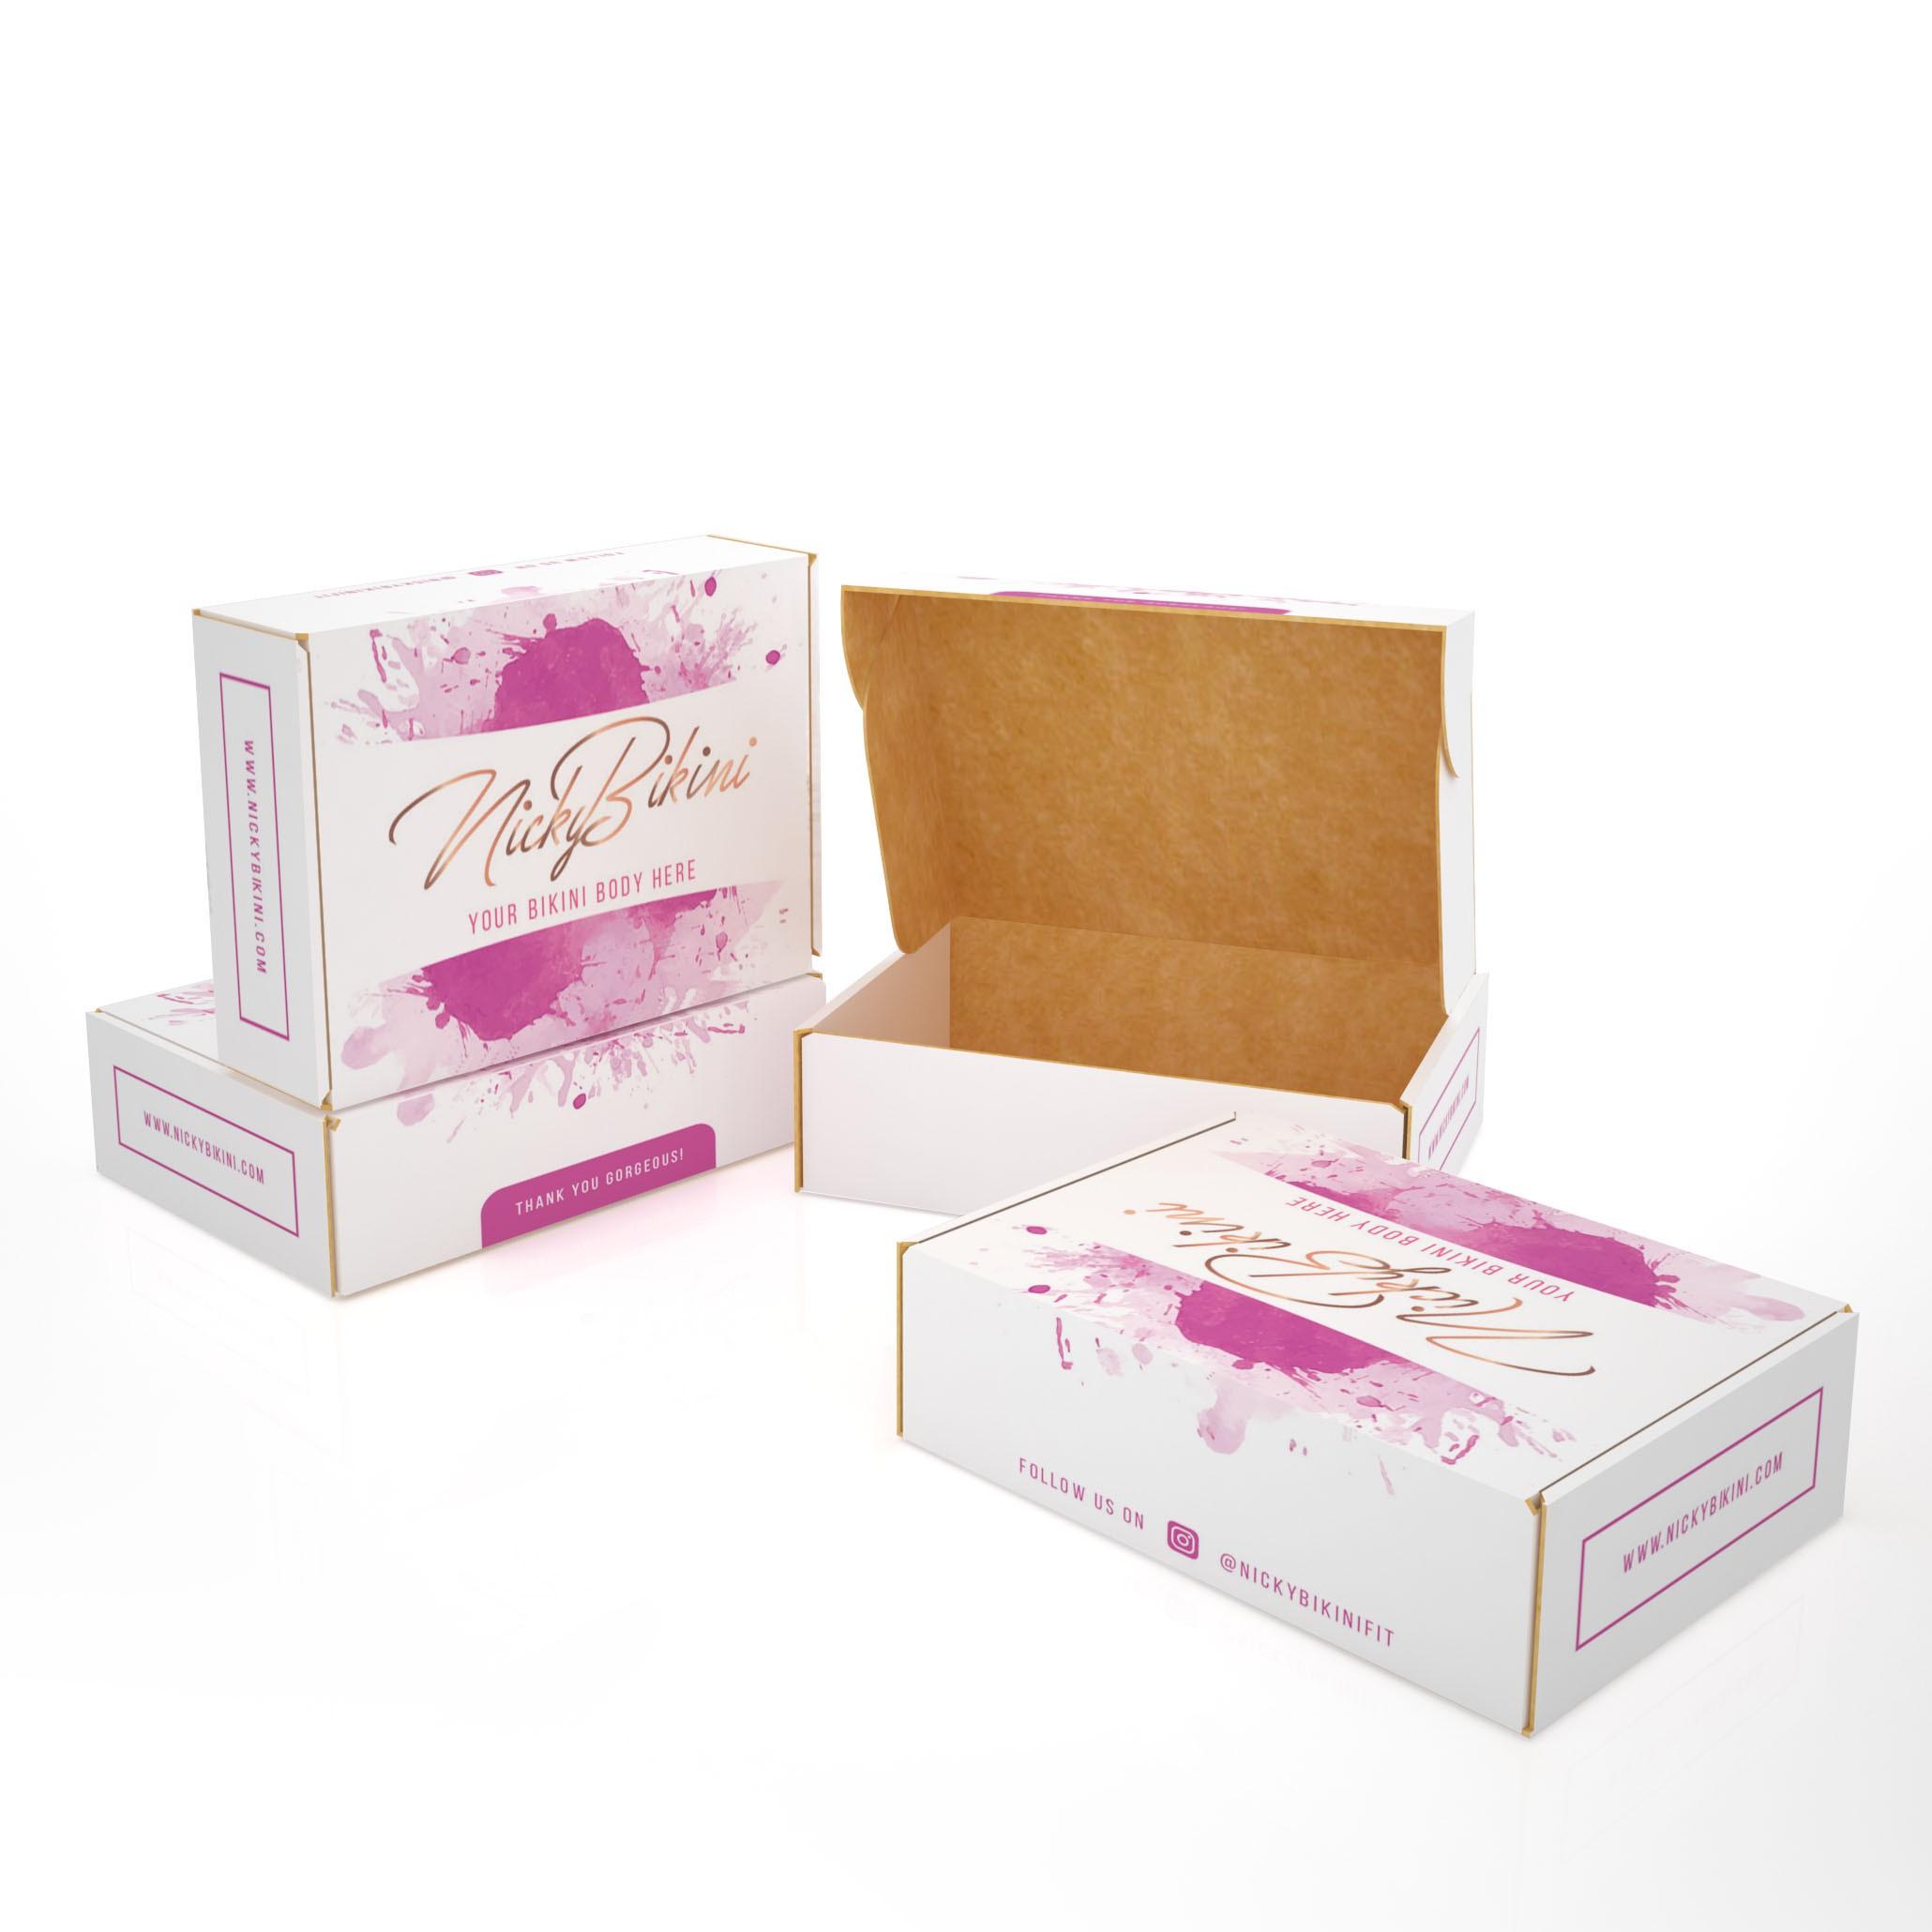 E-Commerce Packaging for Swimwear Brand